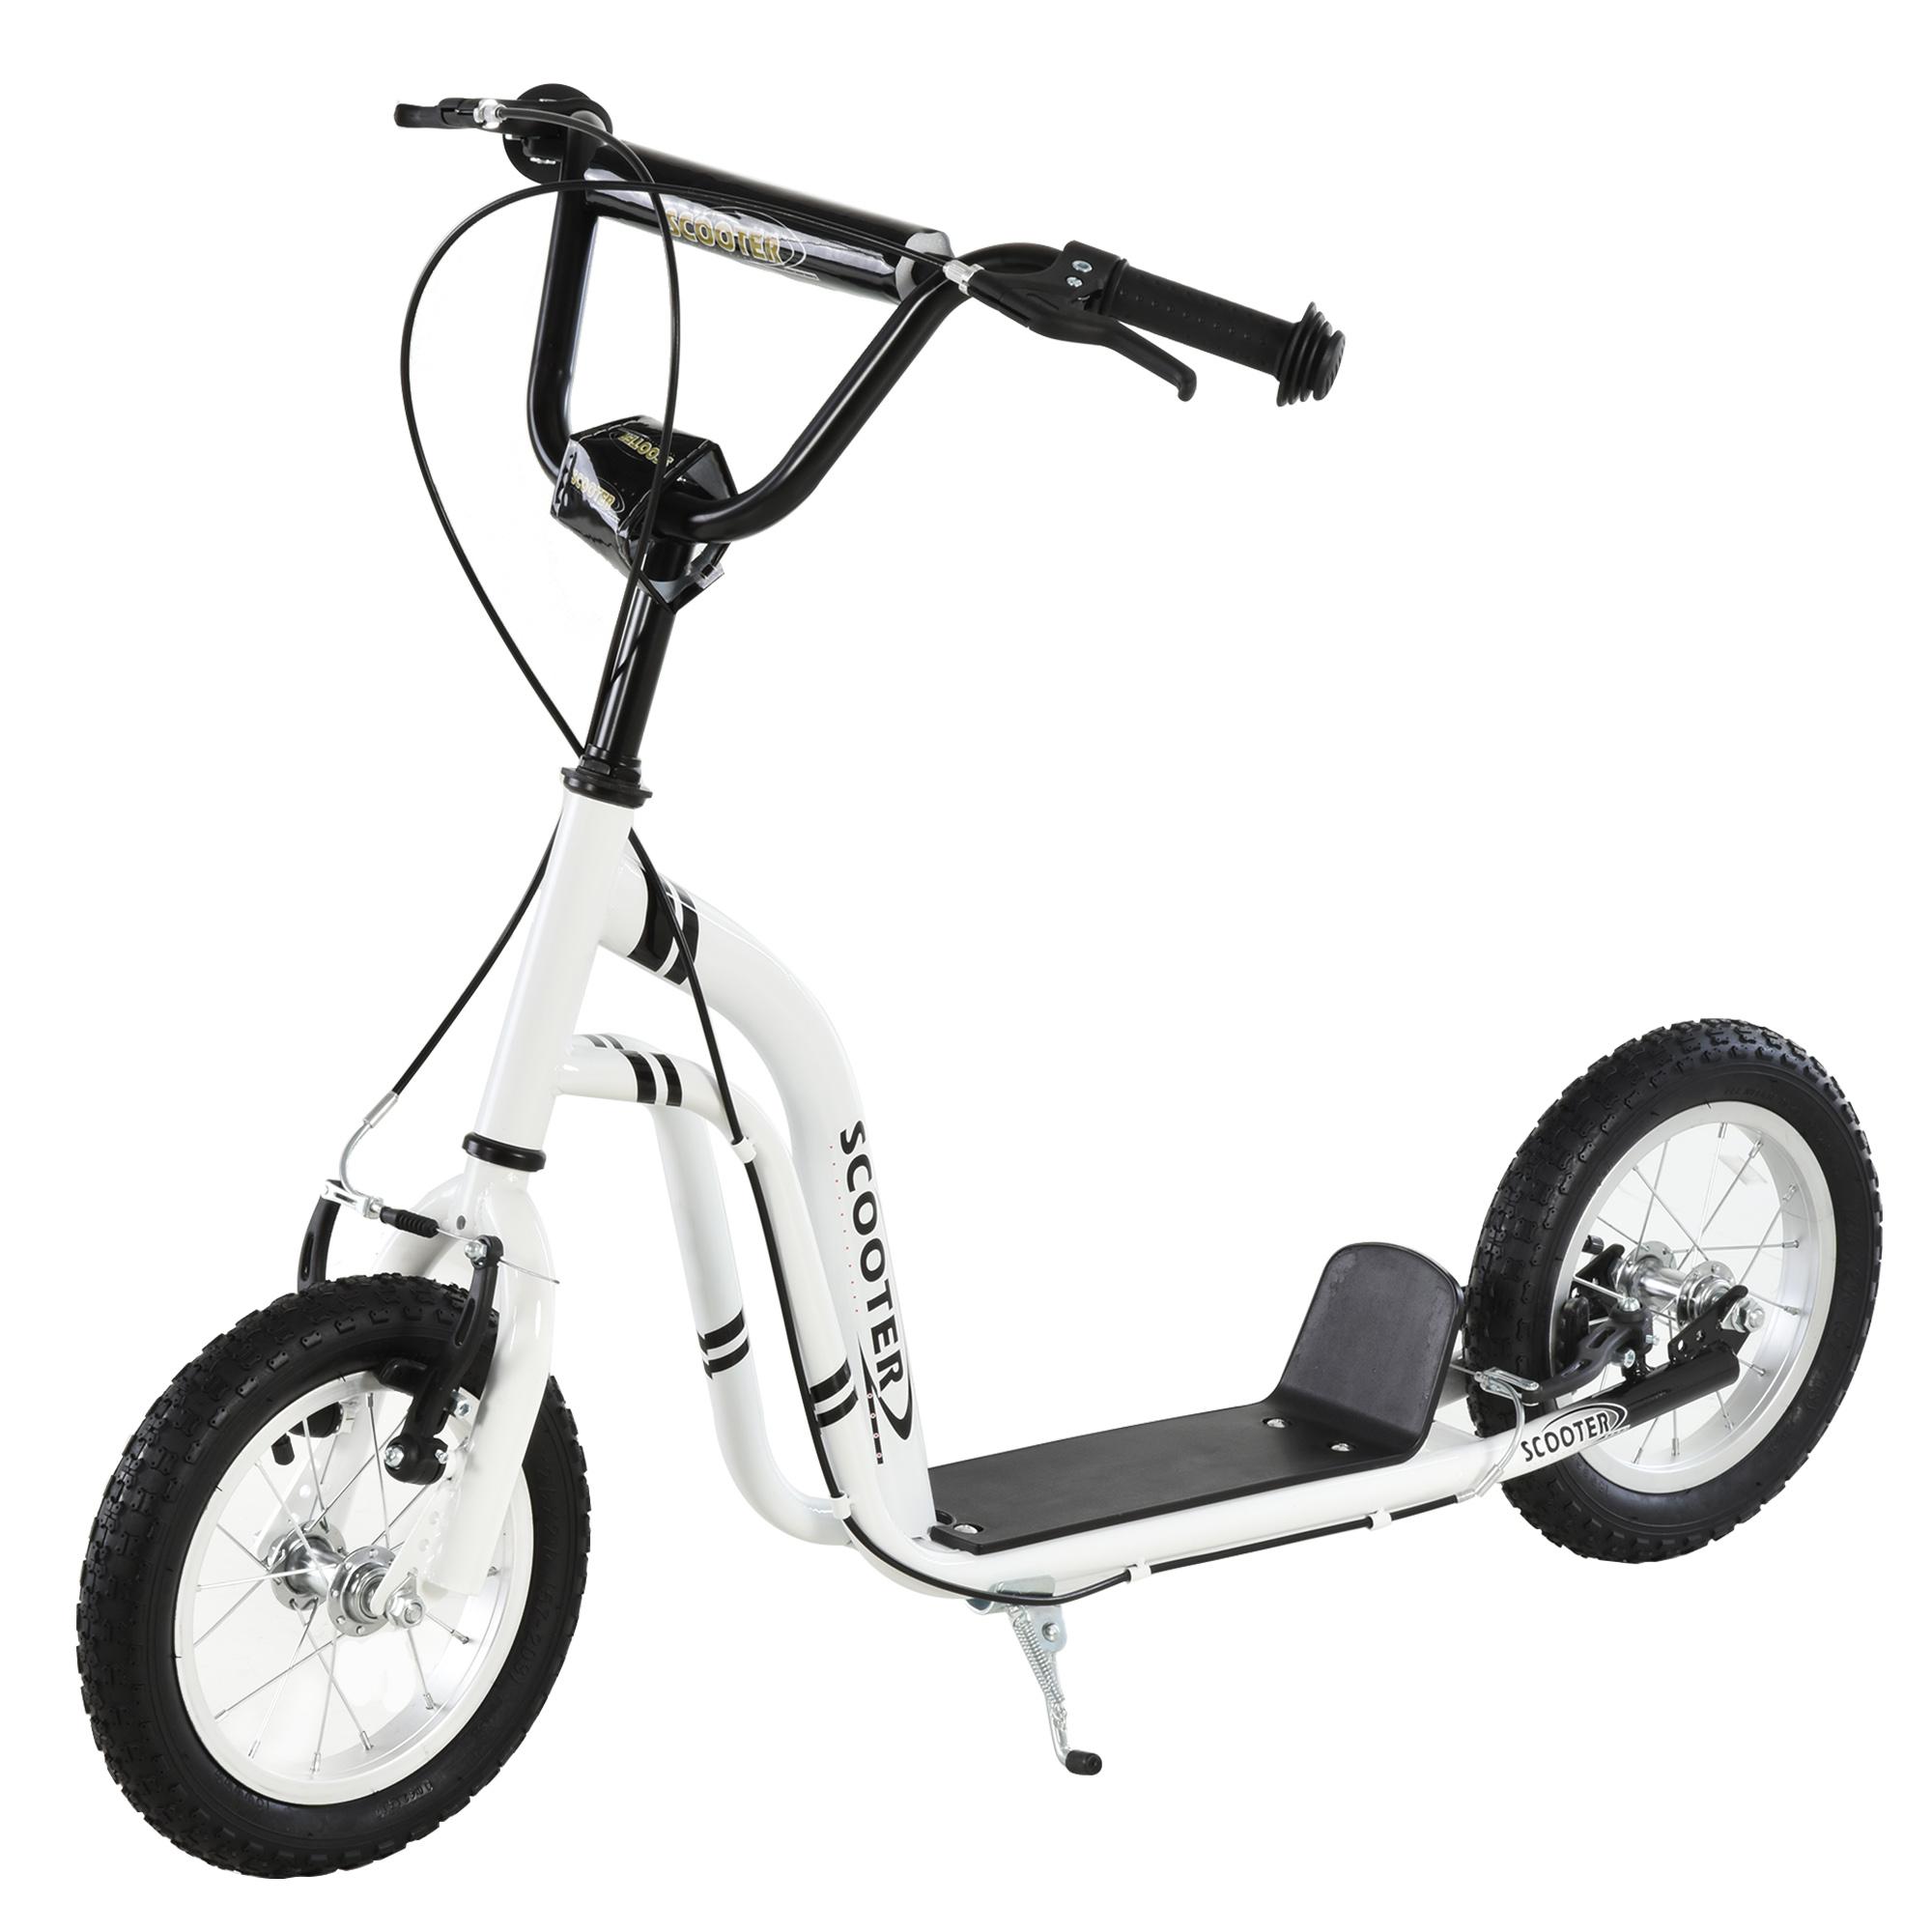 HOMCOM Patinete para Niños Mayores de 5 Años Scooter 2 Neumáticos Inflables de Caucho con Frenos Manillar Ajustable Pedal Antideslizante